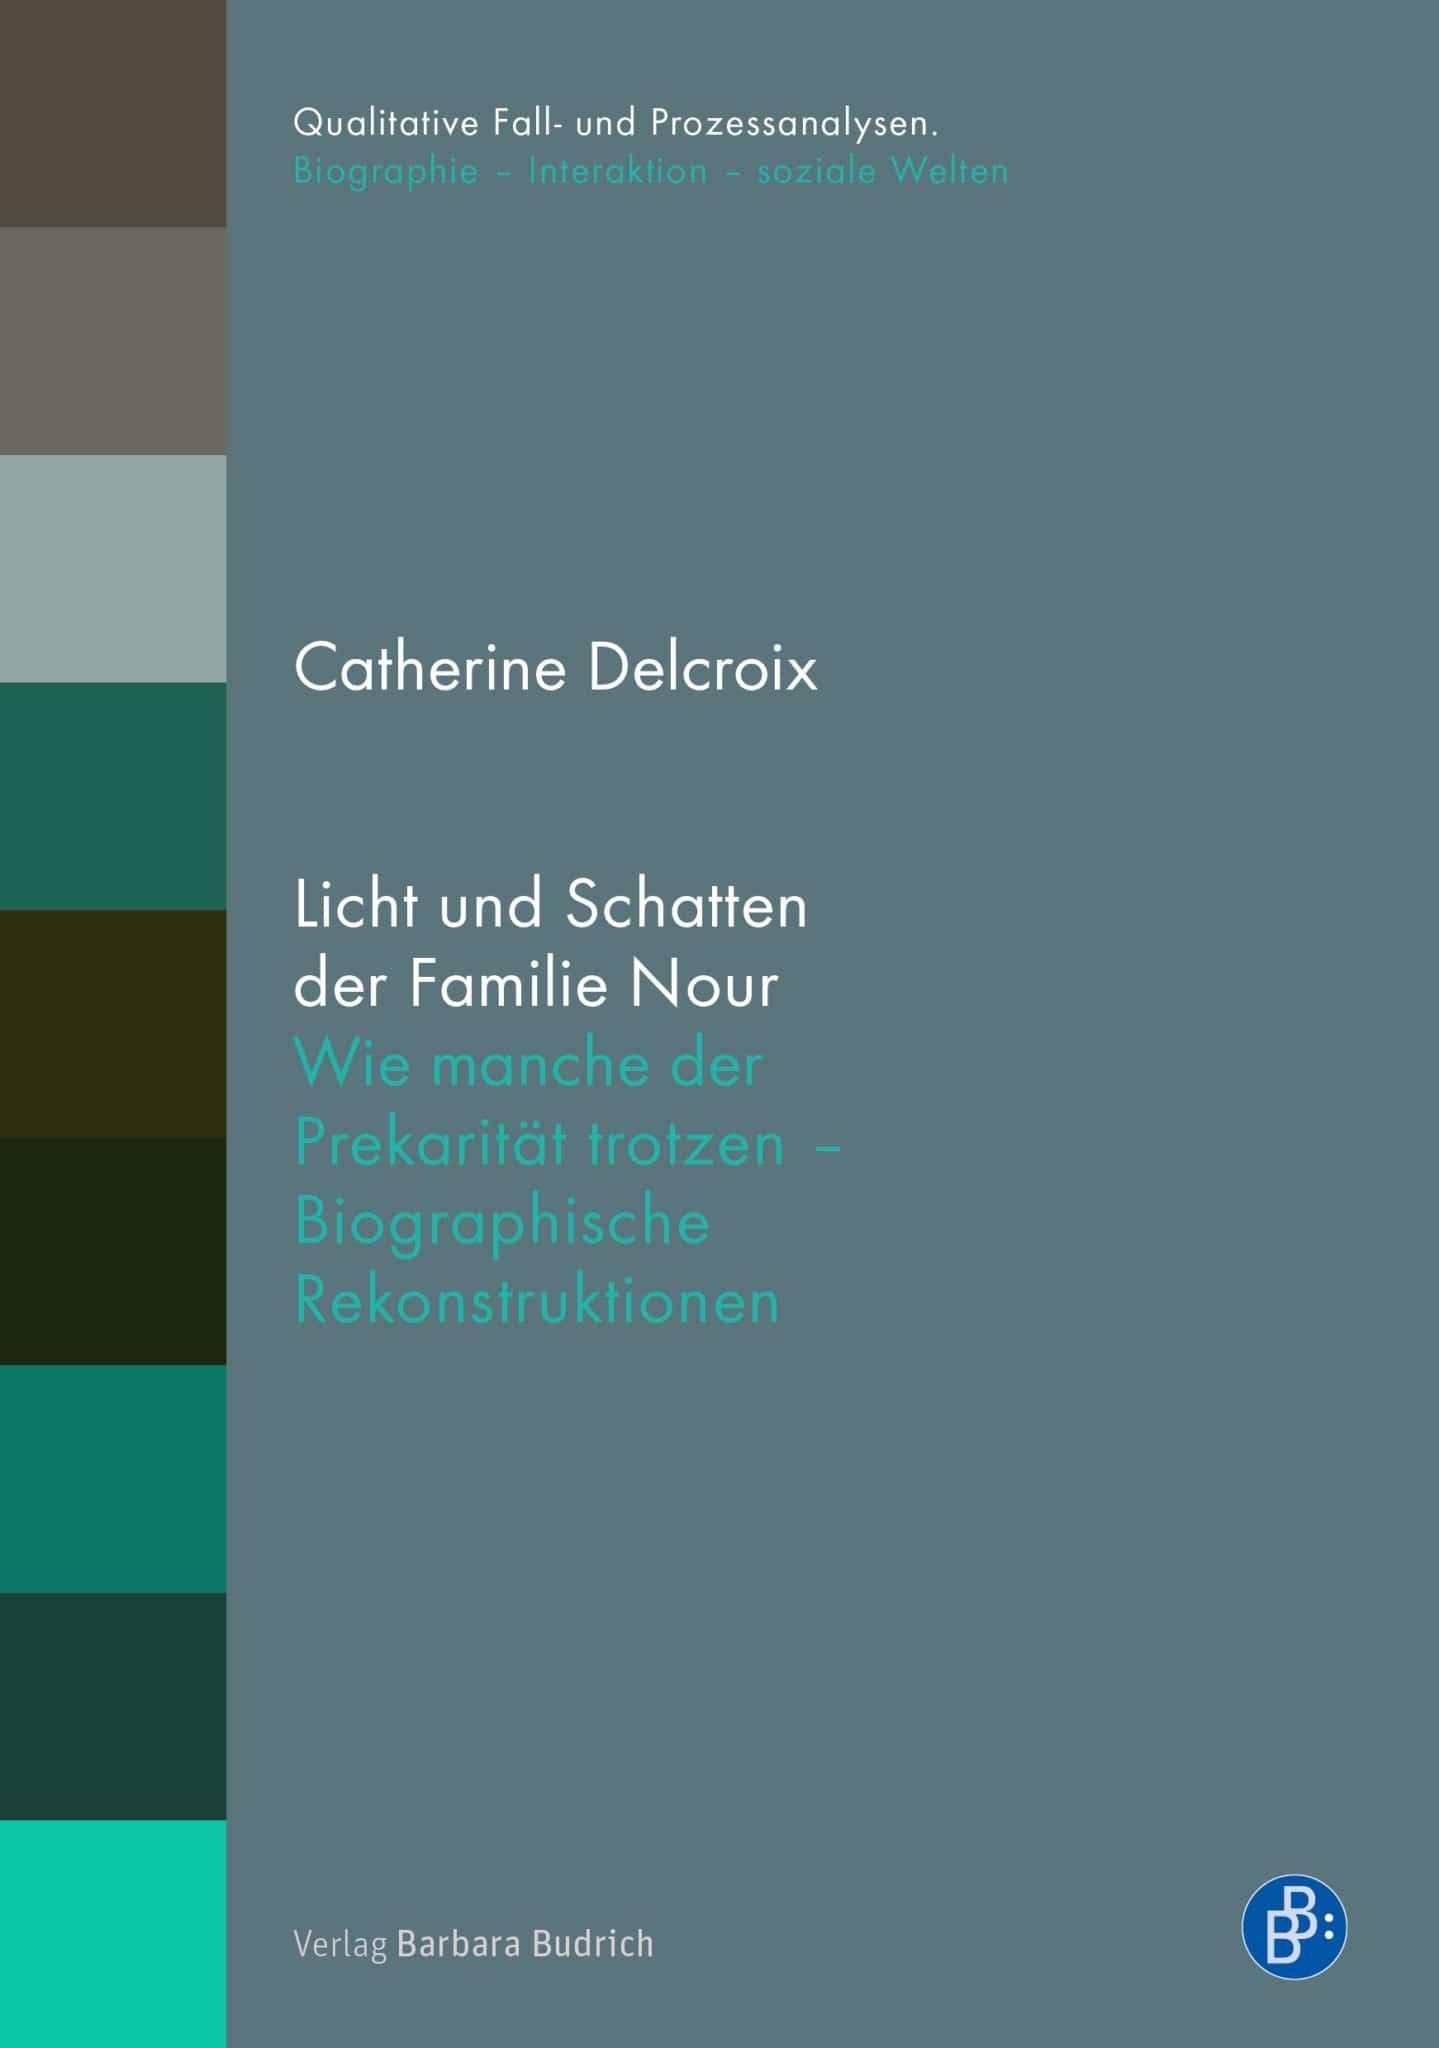 Delcroix: Licht und Schatten der Familie Nour. Wie manche der Prekarität trotzen – Biographische Rekonstruktionen. Verlag Barbara Budrich. ED: 25.01.2021